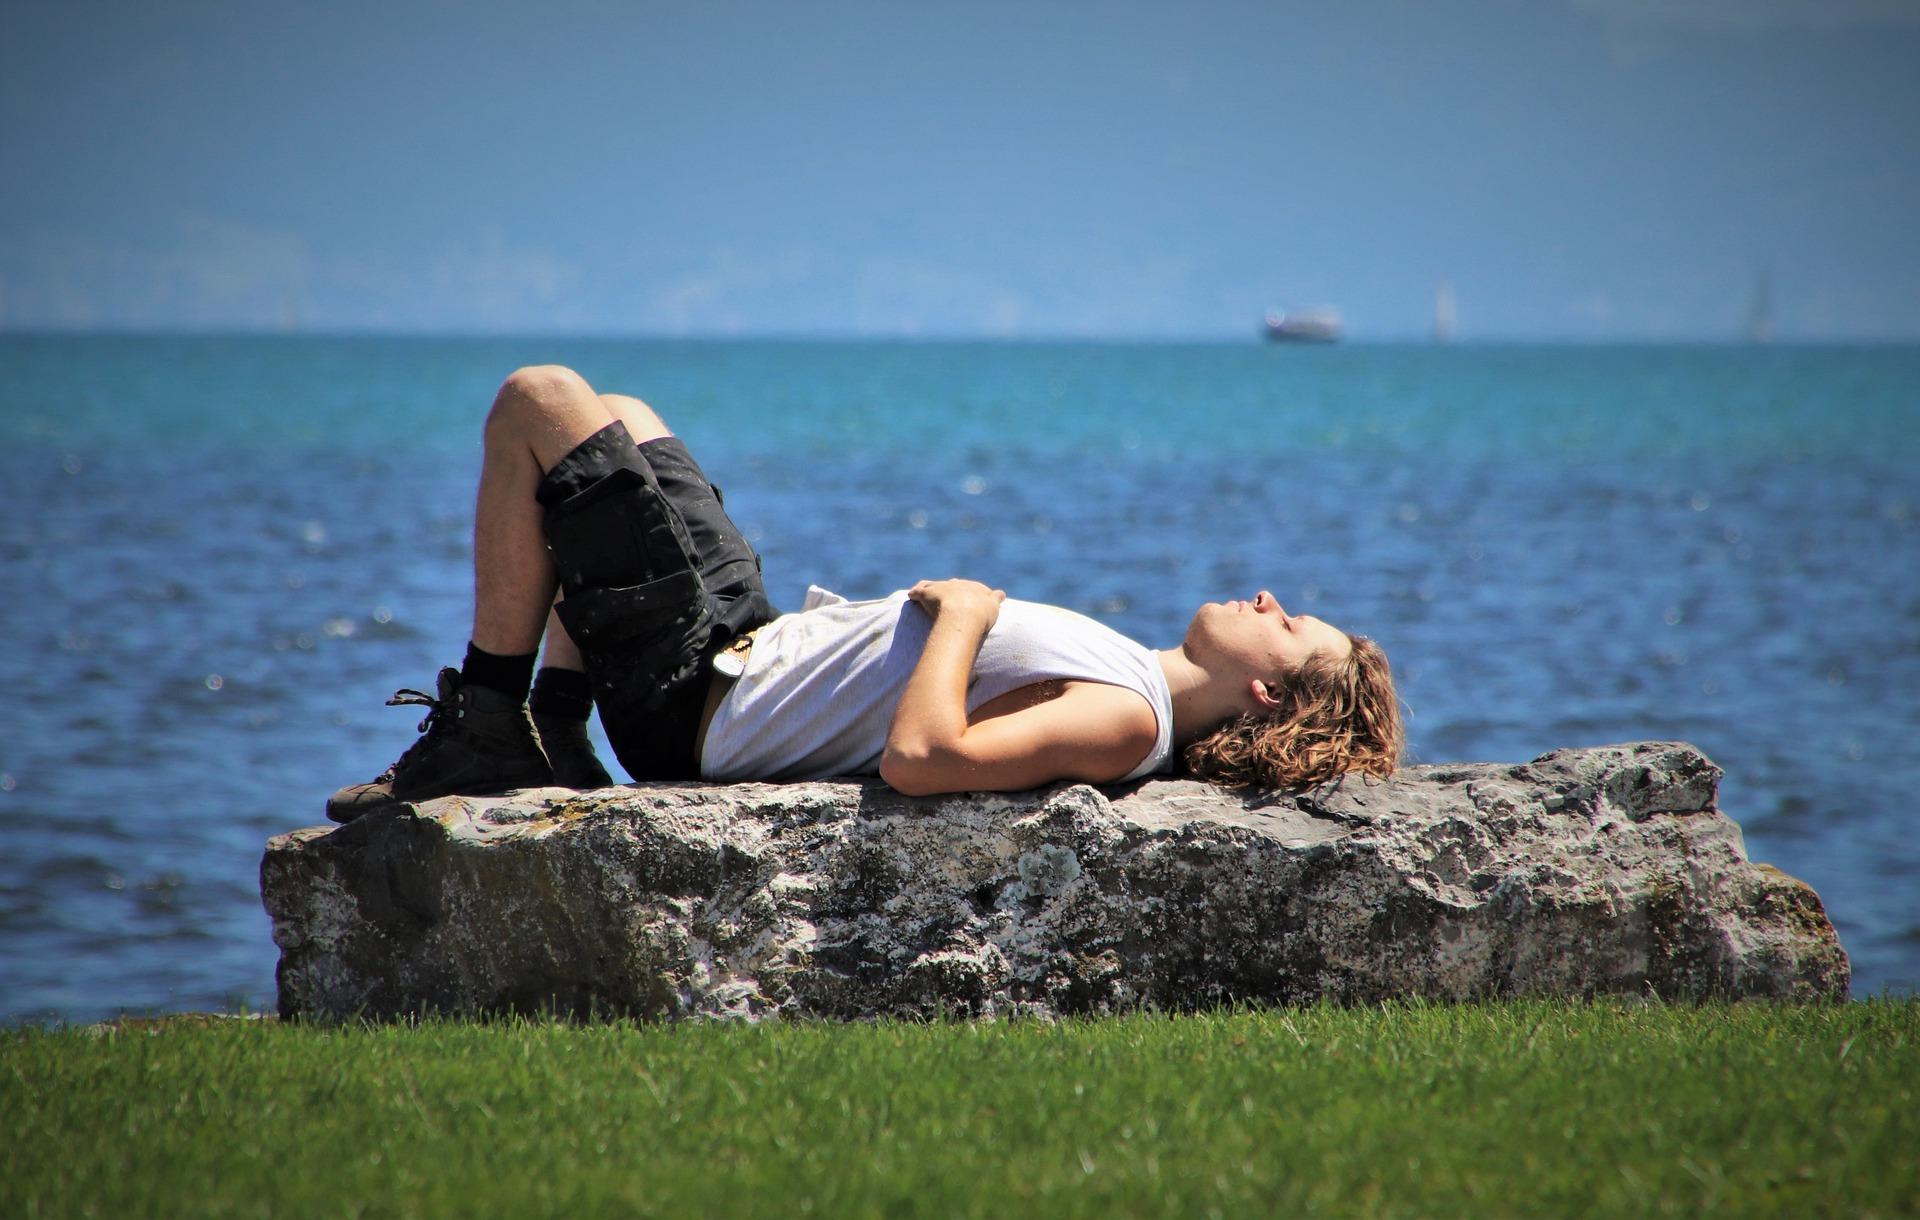 man sunbathing on a rock by water